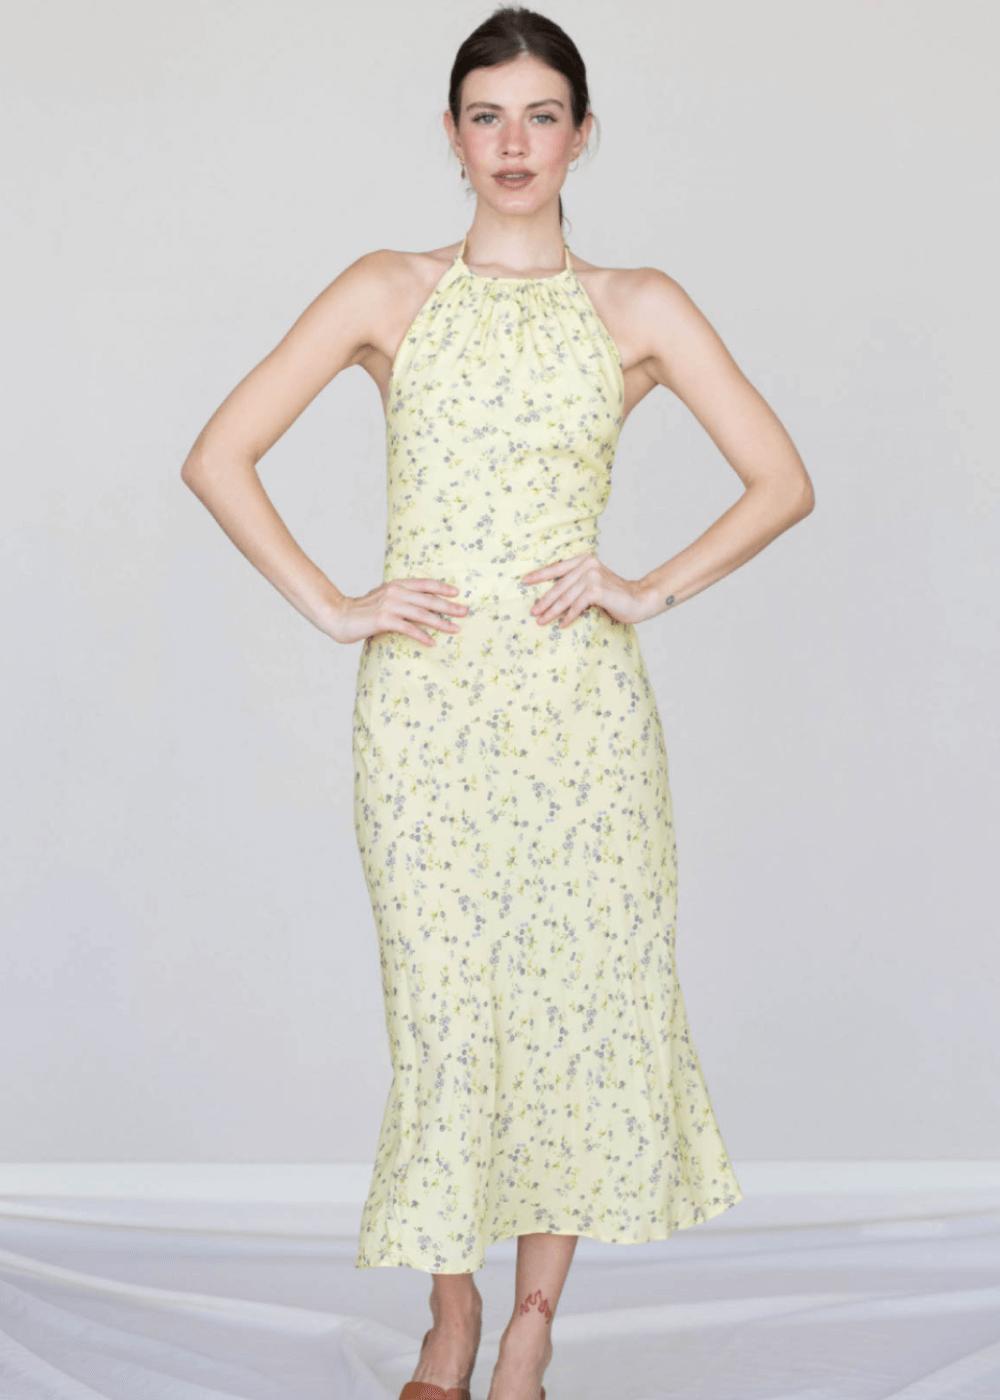 vestido-amarelo-1